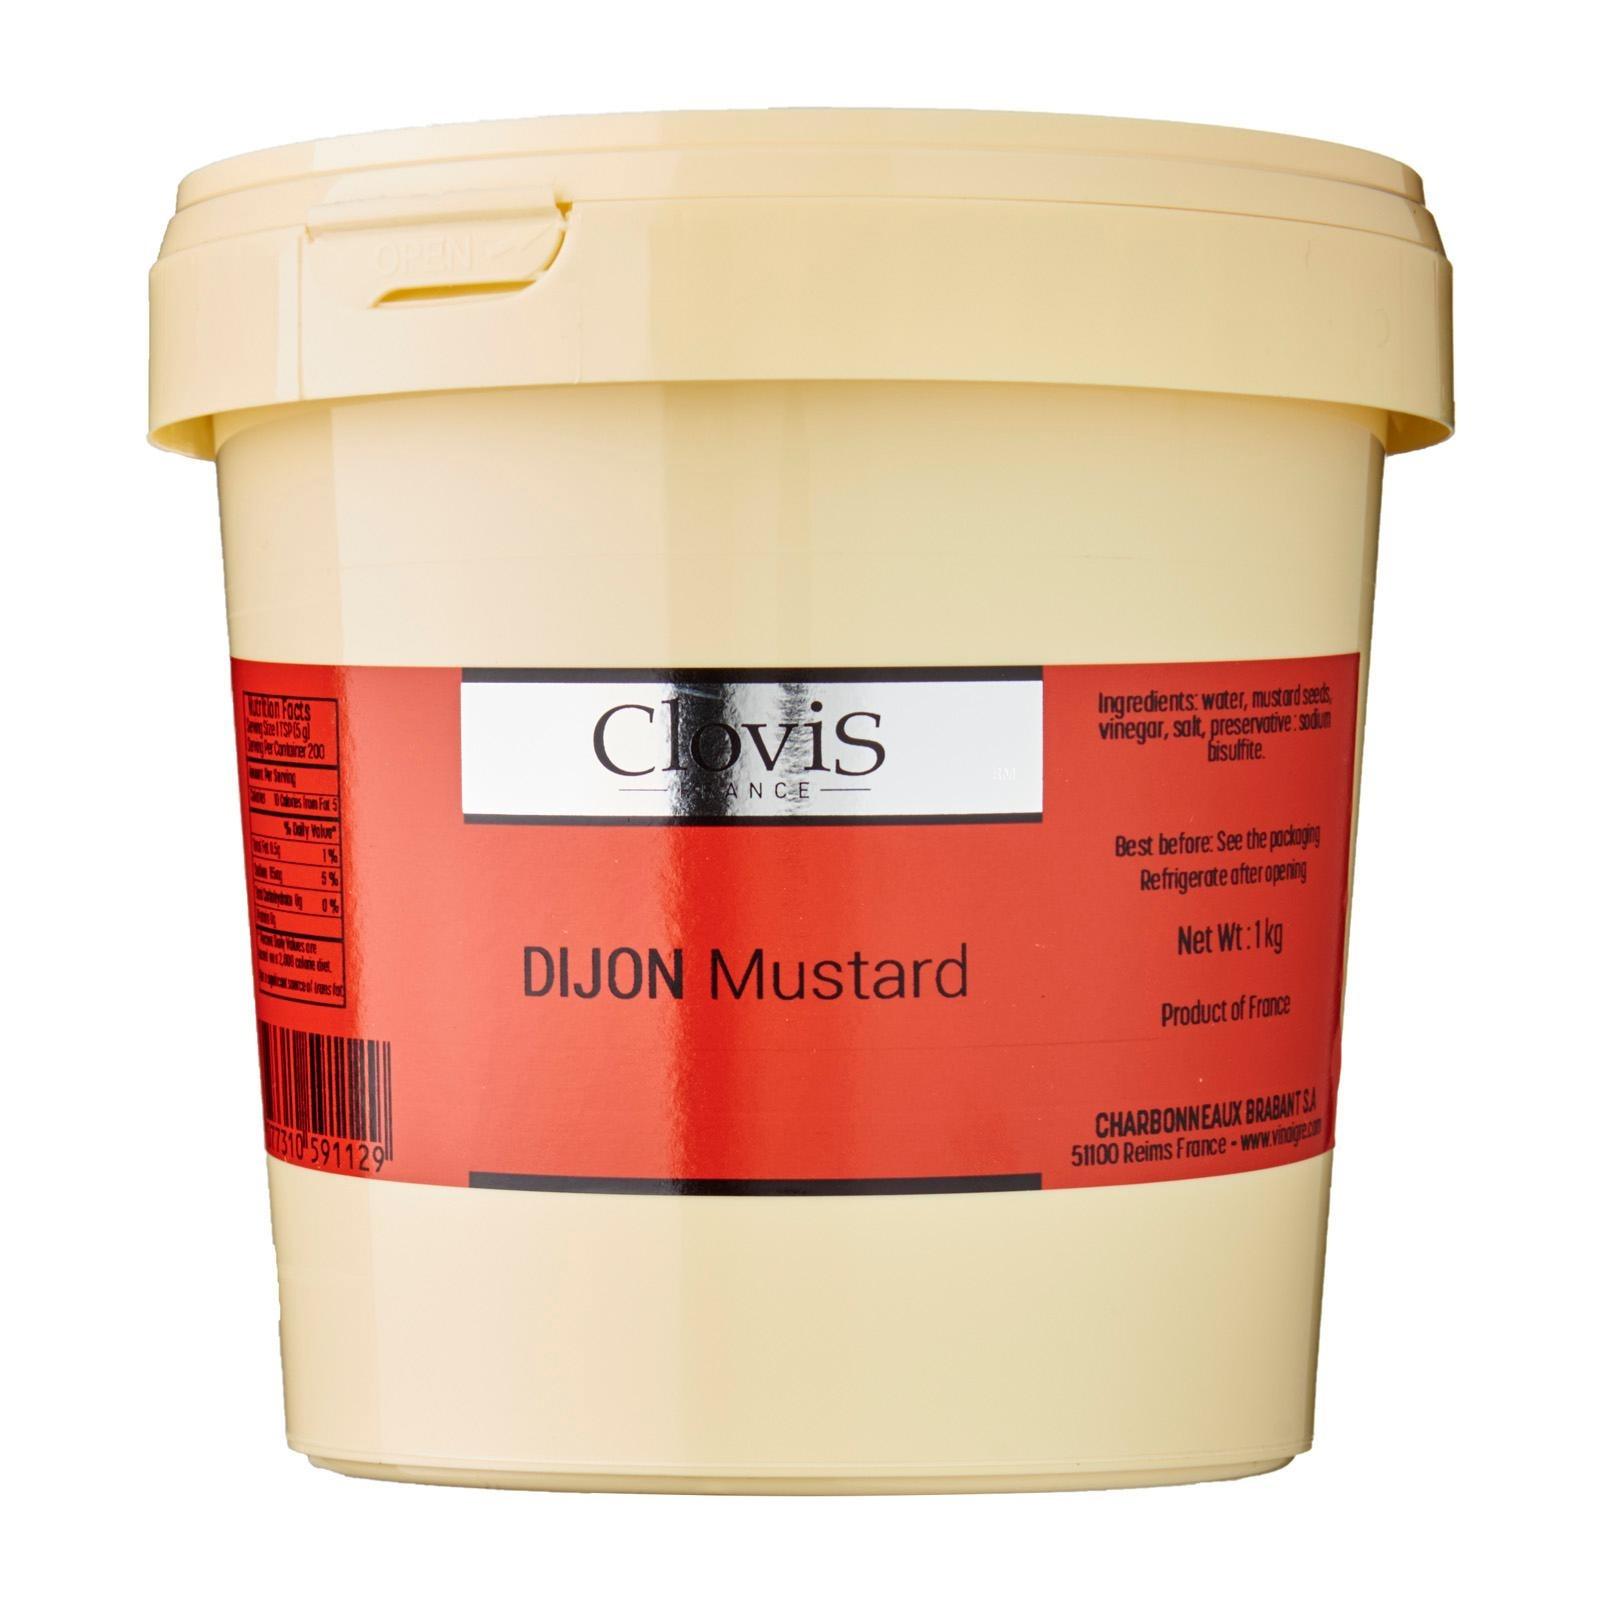 Clovis Dijon Mustard